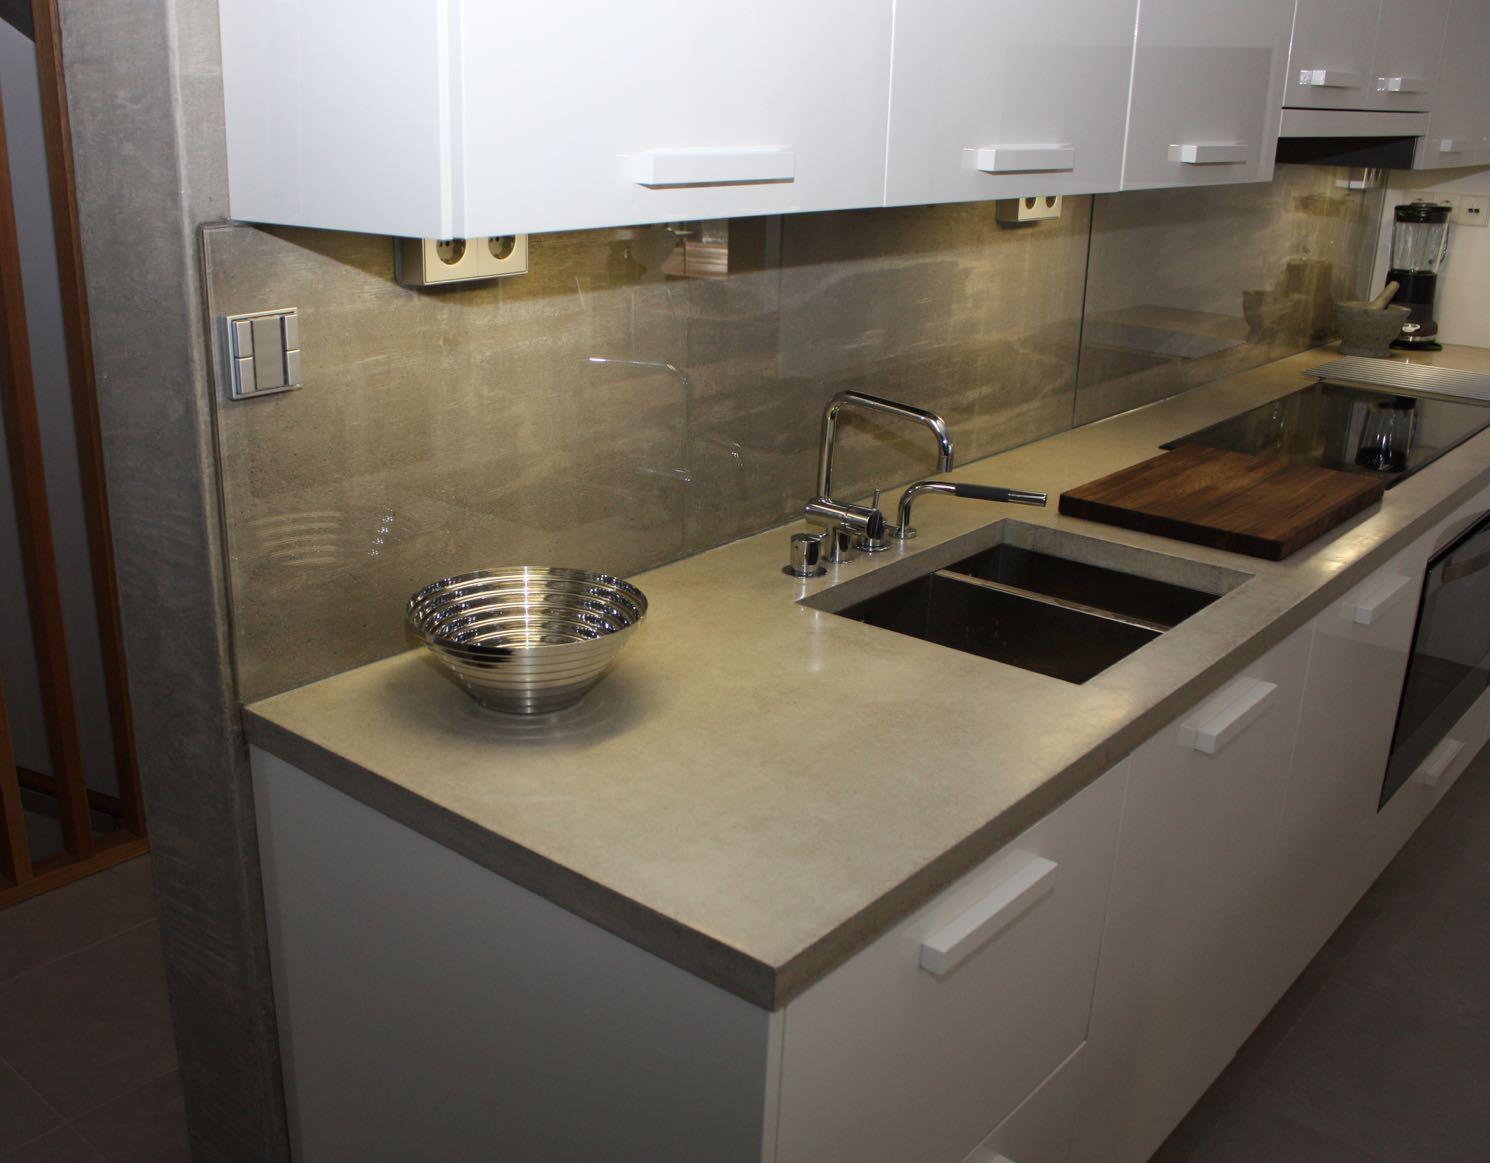 Kivitaso keittiöön hinta – Talon olohuone